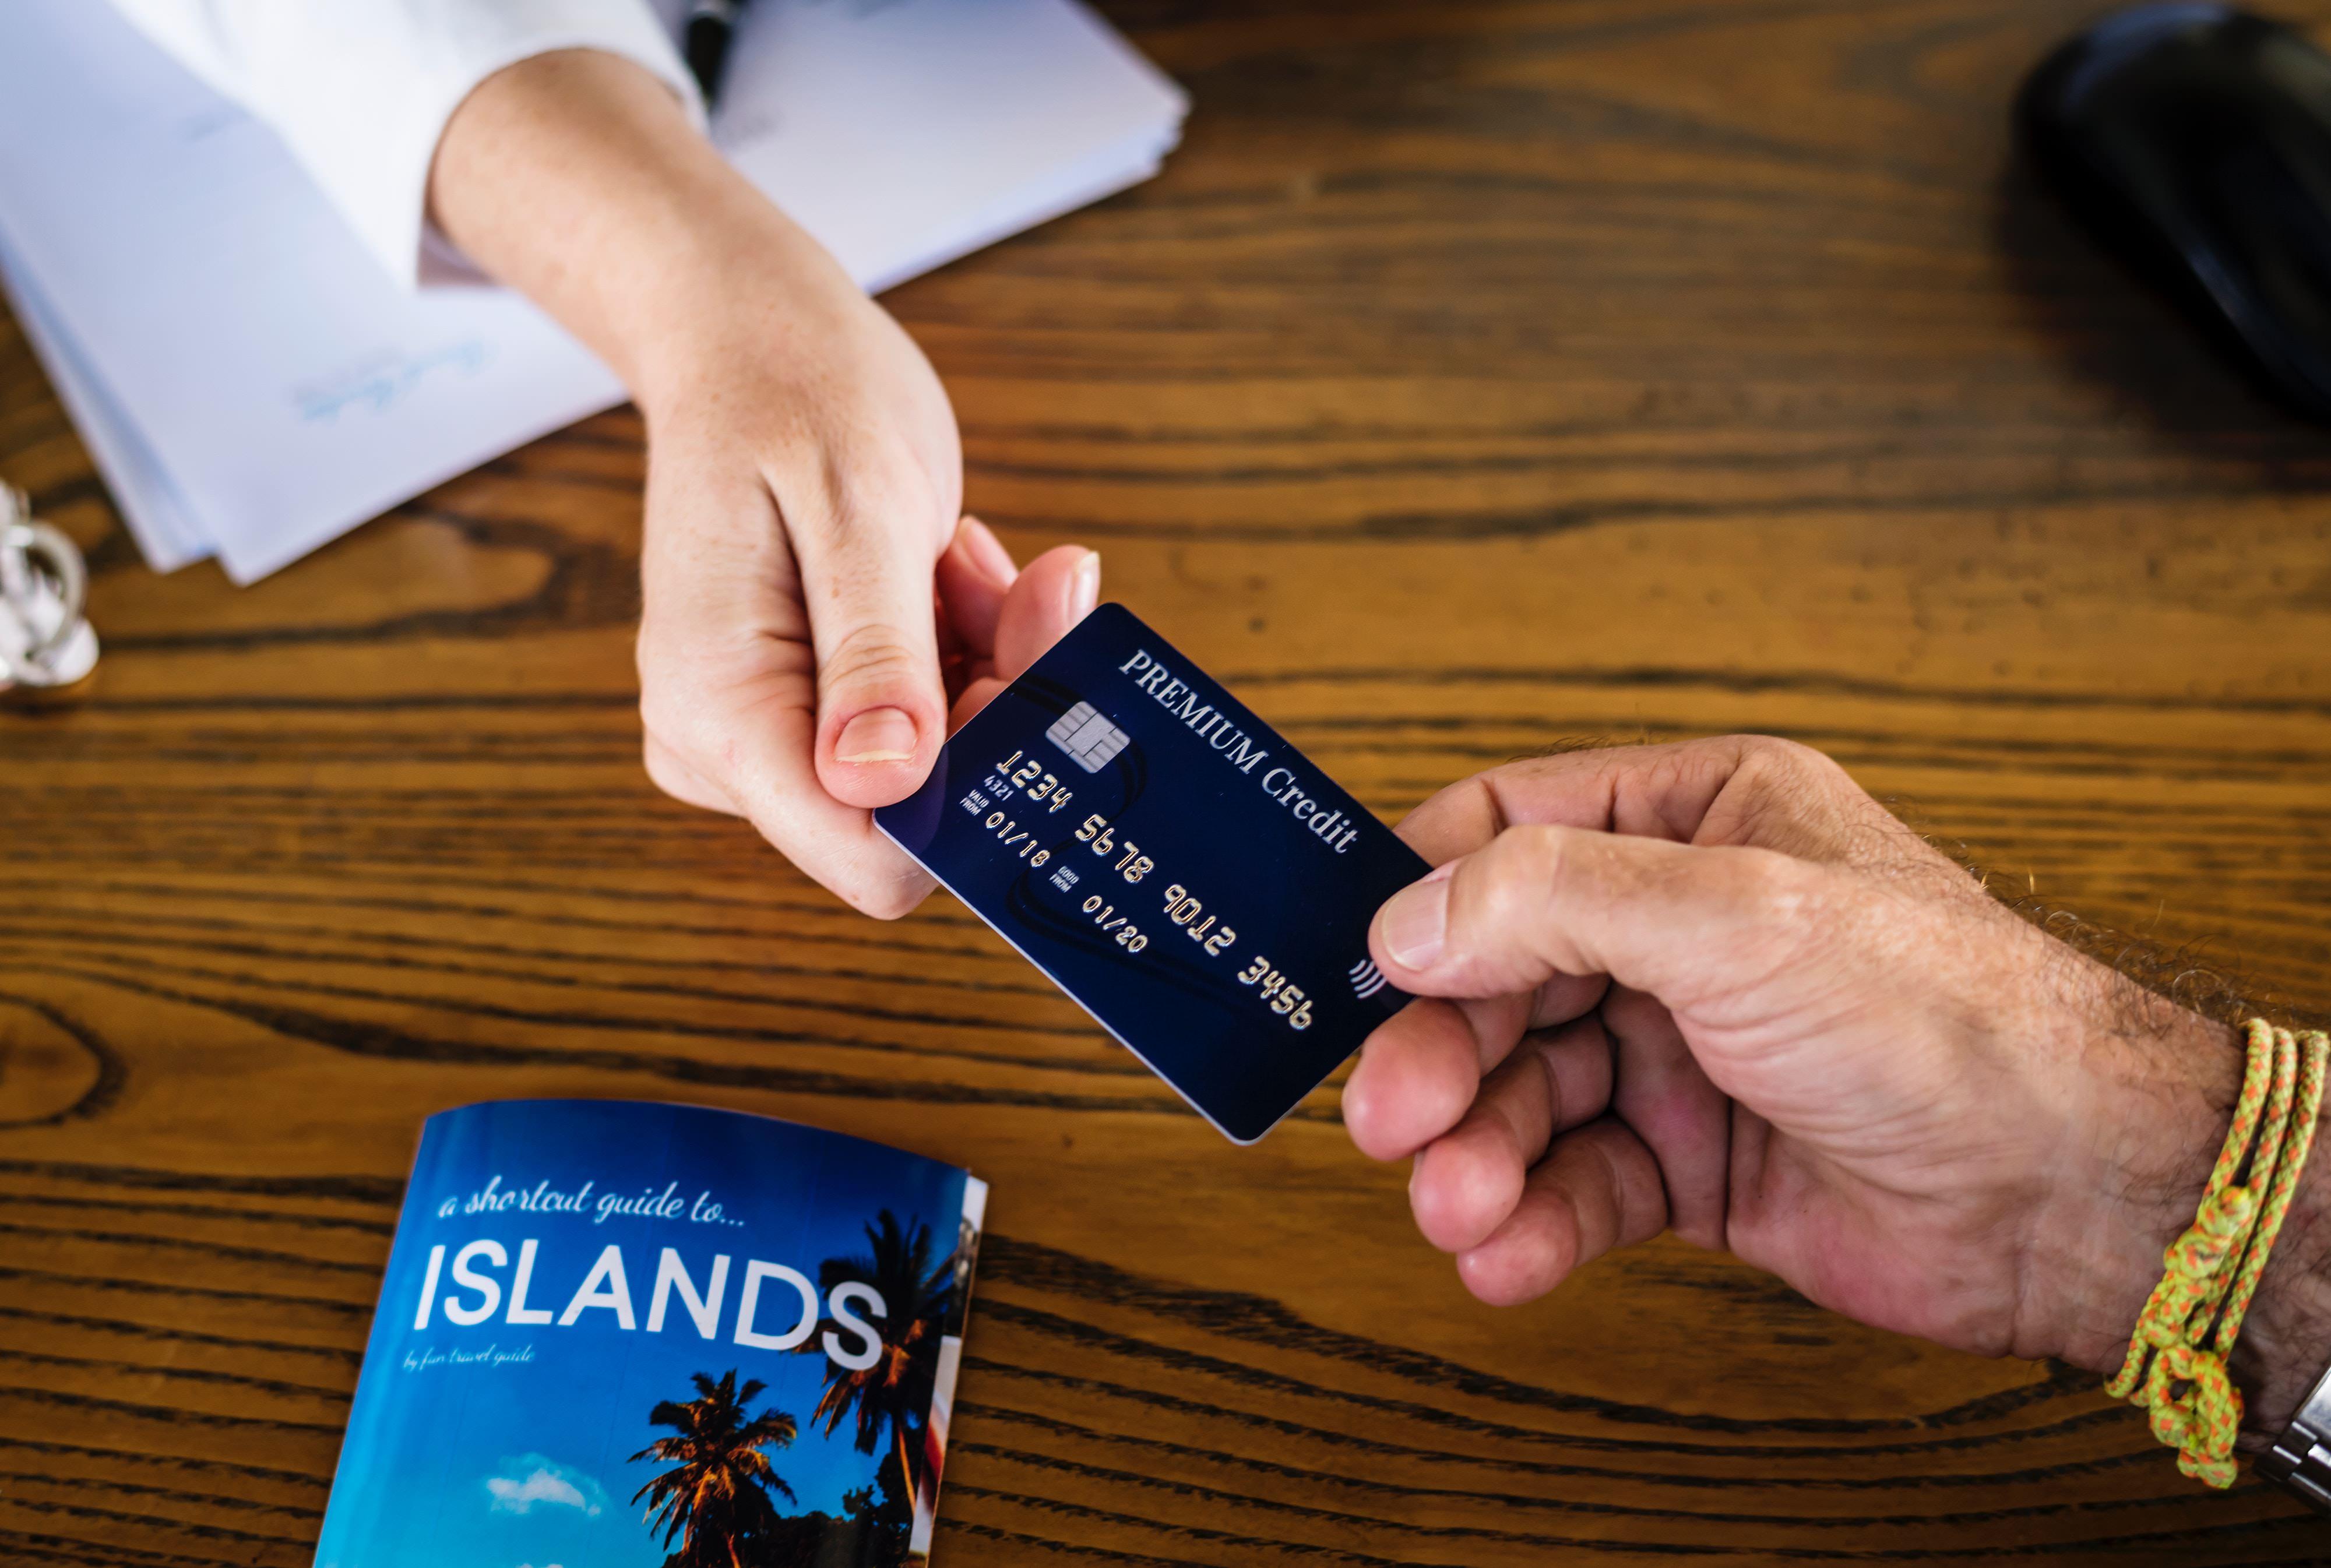 信用卡理財|信用卡額度是什麼?小資族如何用這3昭隨時調高額度?最高多少?